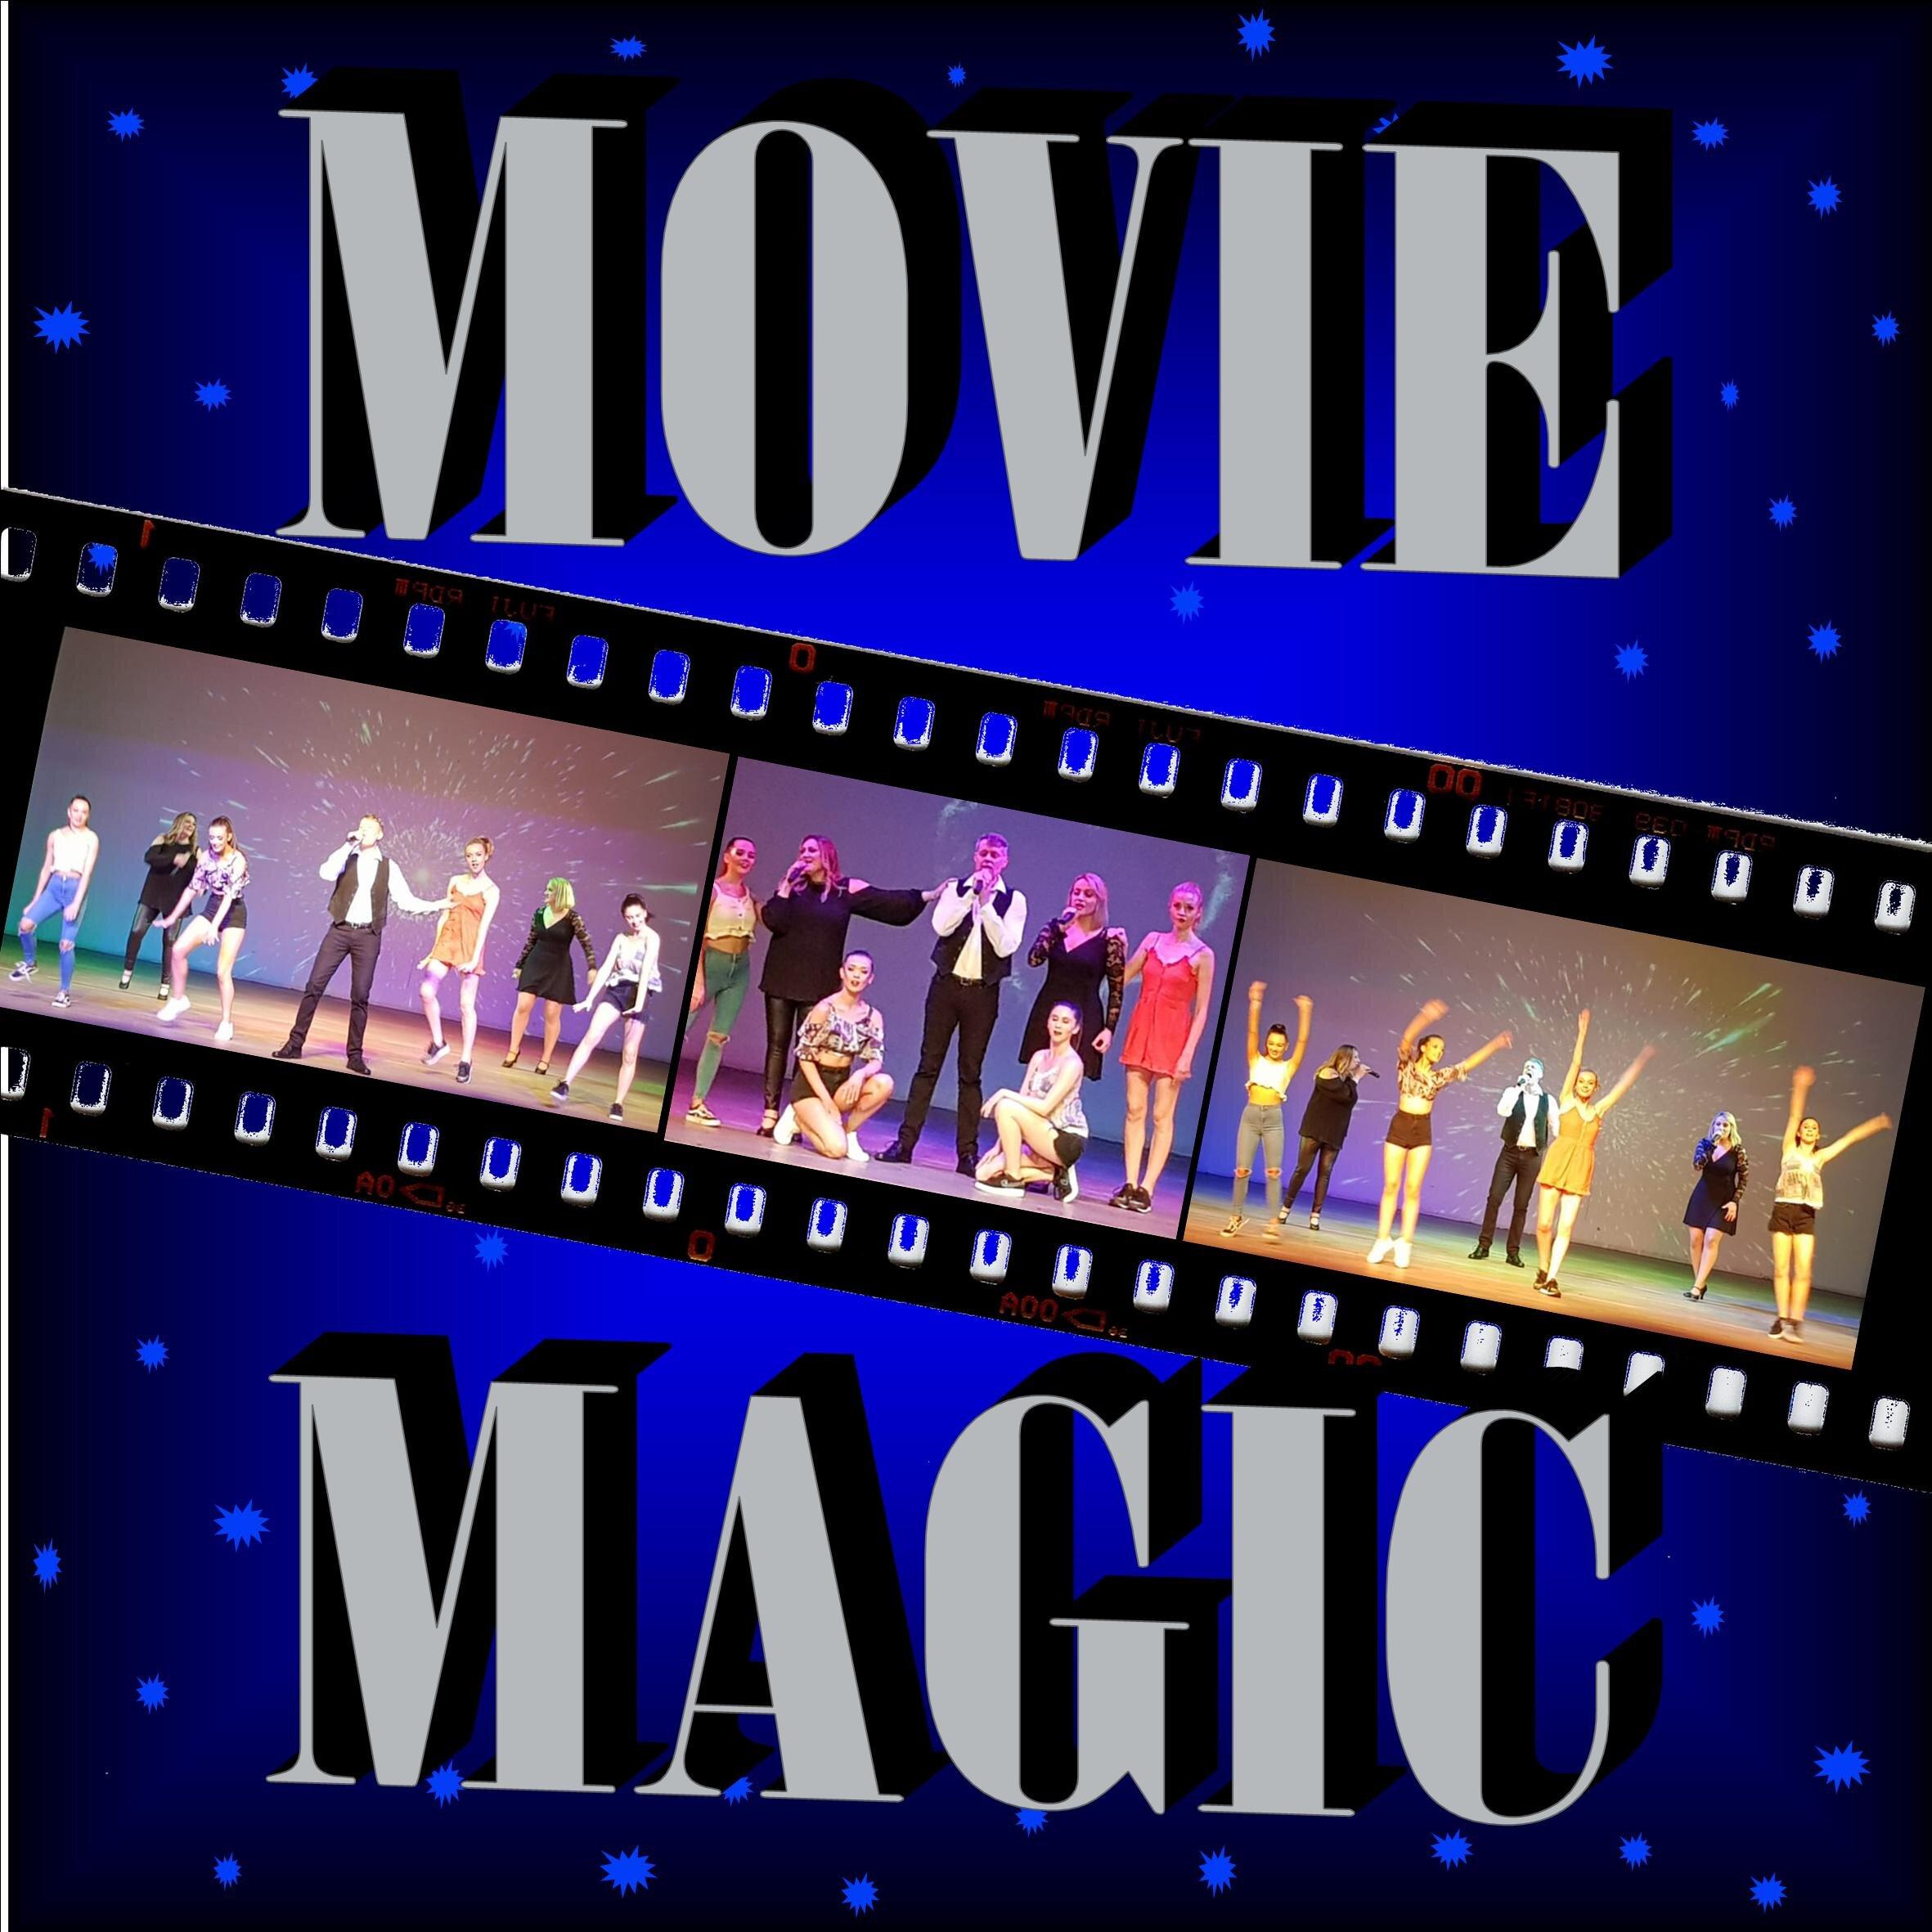 MOVIE MAGIC.jpg